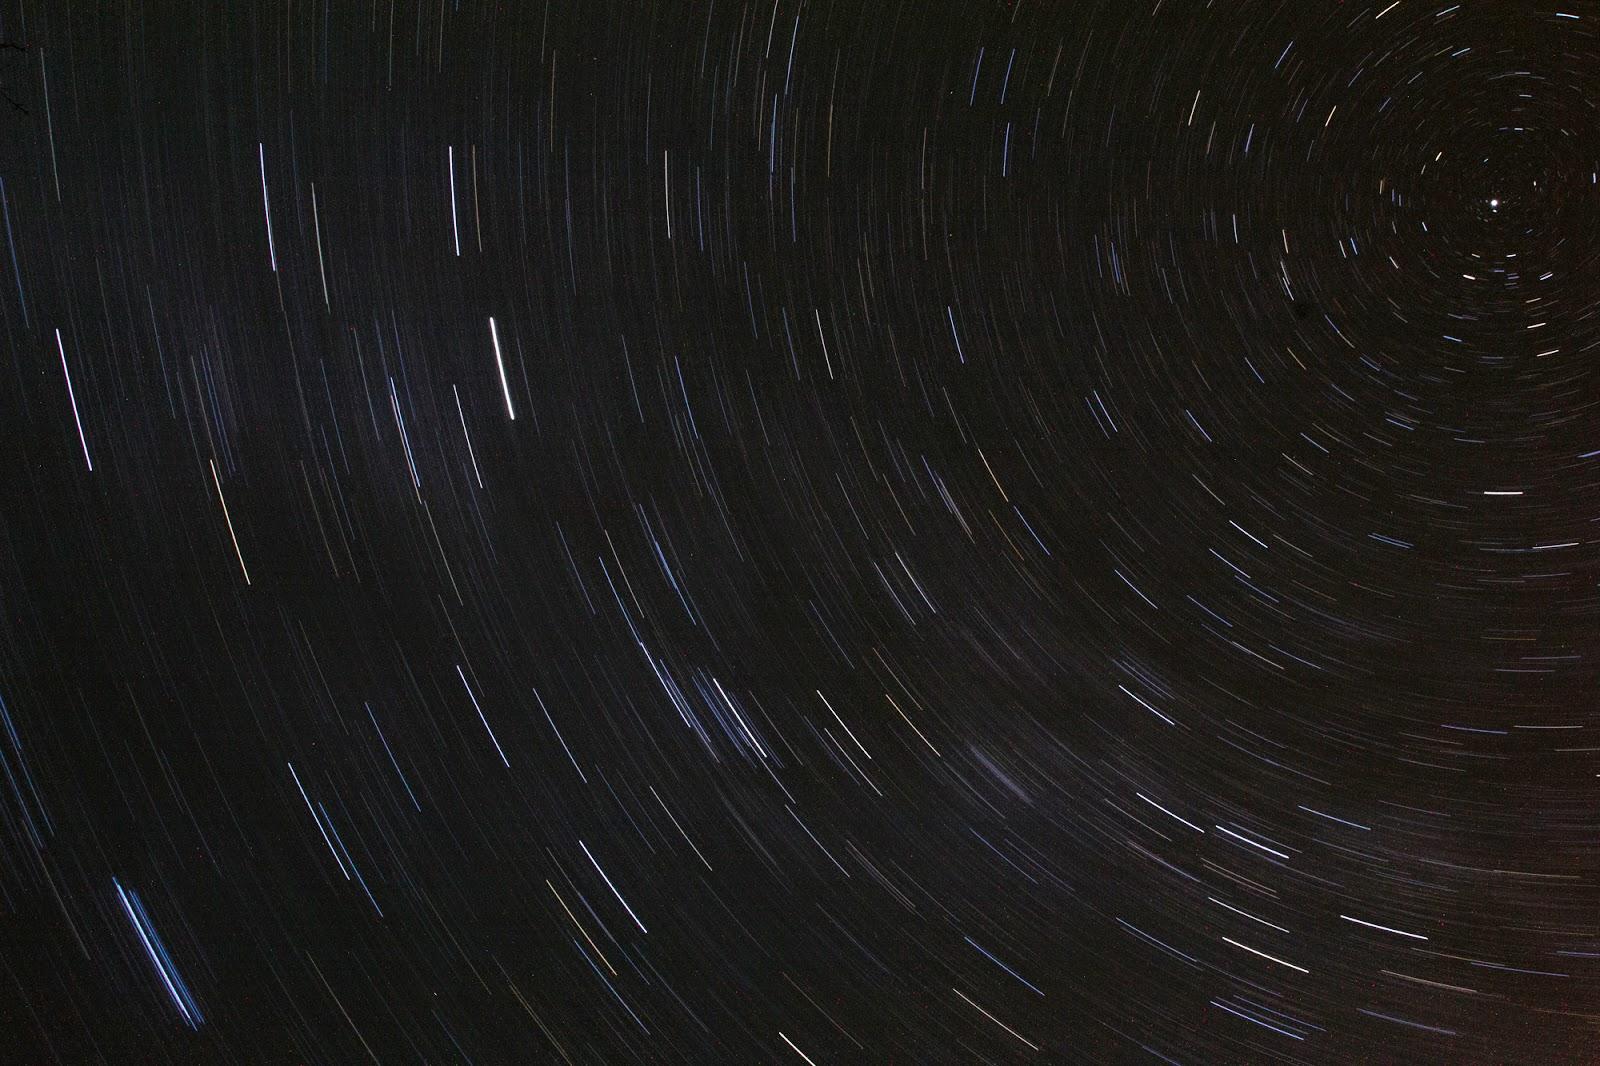 Gwiazdka w Puszczy - Ania w Podróży